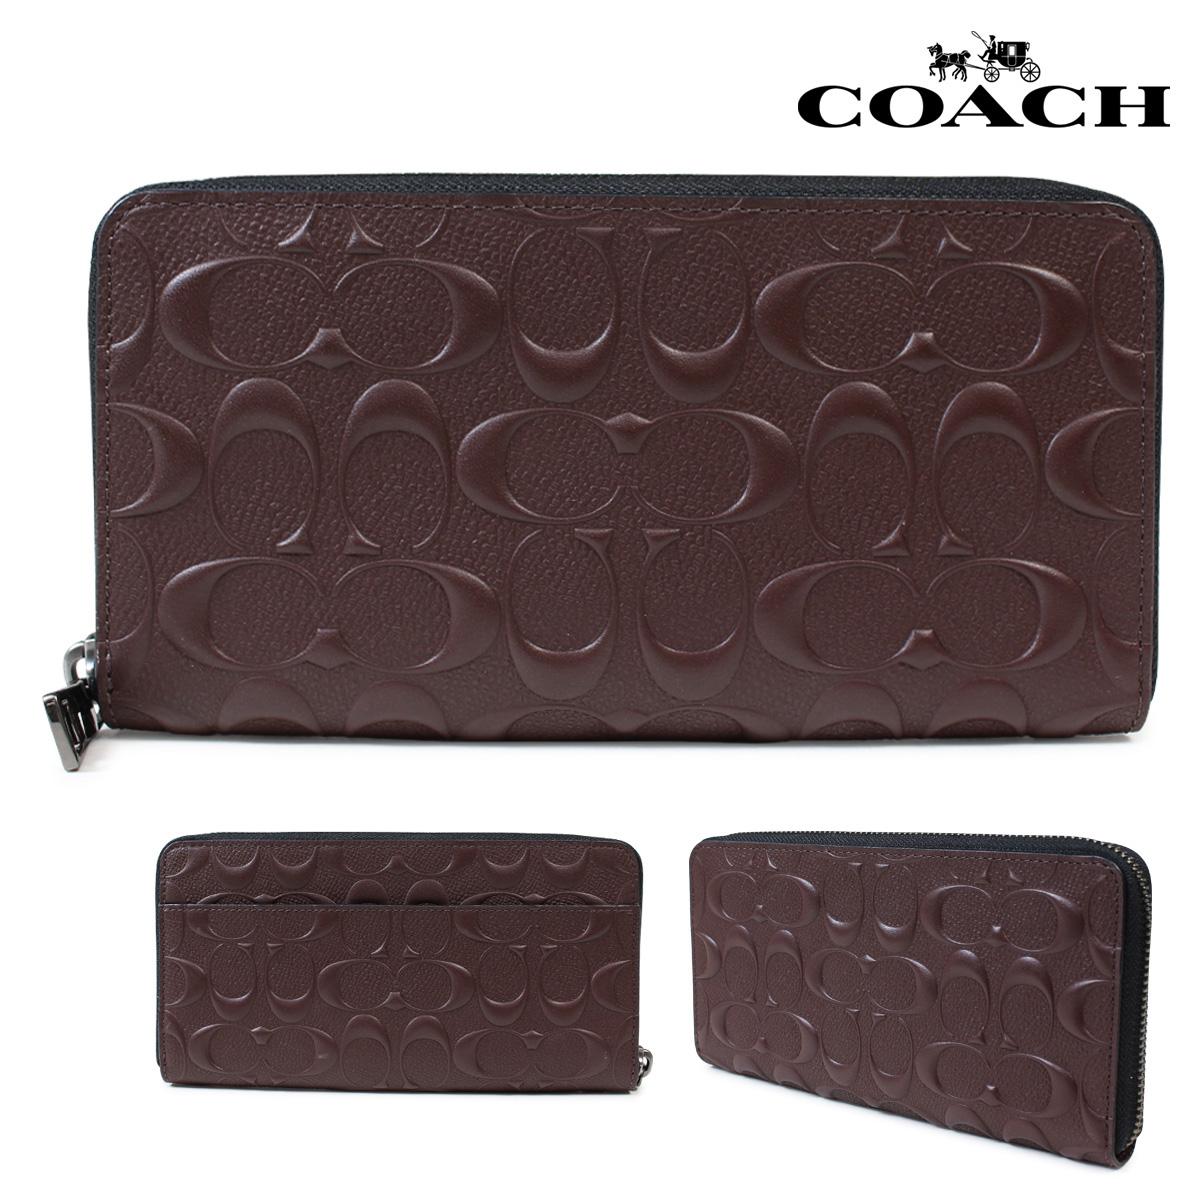 huge discount 2c829 d8917 COACH long wallet men coach wallet F58113 mahogany